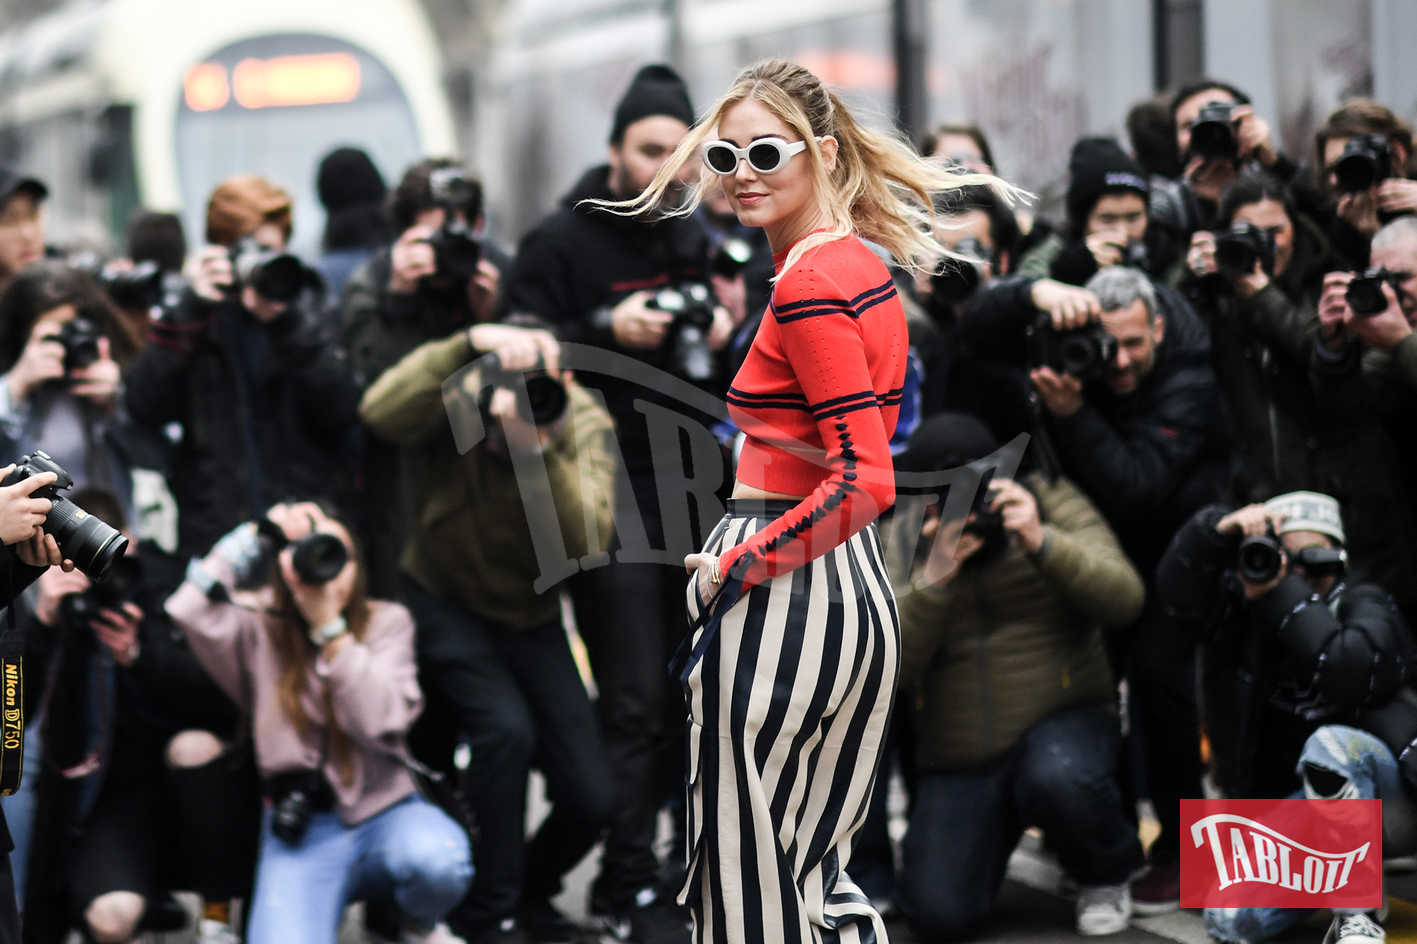 """Chiara Ferragni è stata eletta da Forbes l'influencer di moda più potente al mondo. """"Ha iniziato la sua carriera prima dell'arrivo di Instagram, nel 2009 - si legge nella biografia stilata da Forbes - nel 2015, dato il suo successo, è stata la prima fashion influencer ad essere studiata dall'Harward Bussiness Rewiew"""""""